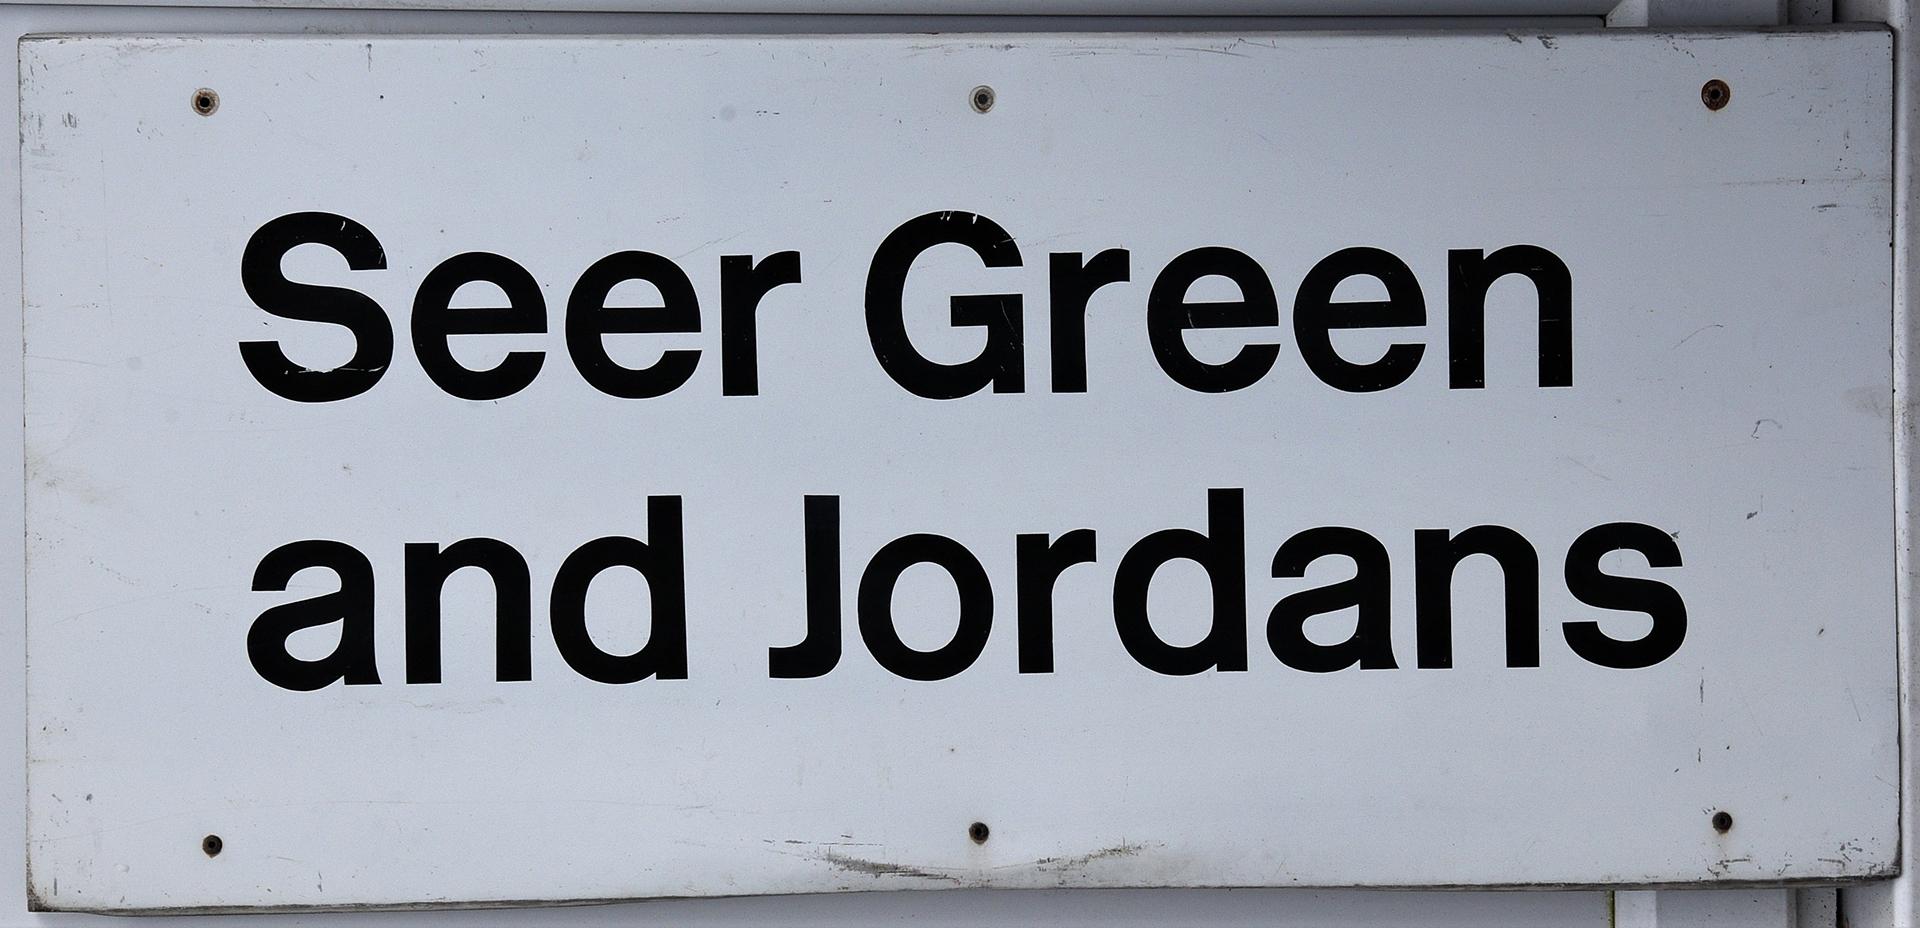 Modern Station Sign. SEER GREEN And JORDANS.